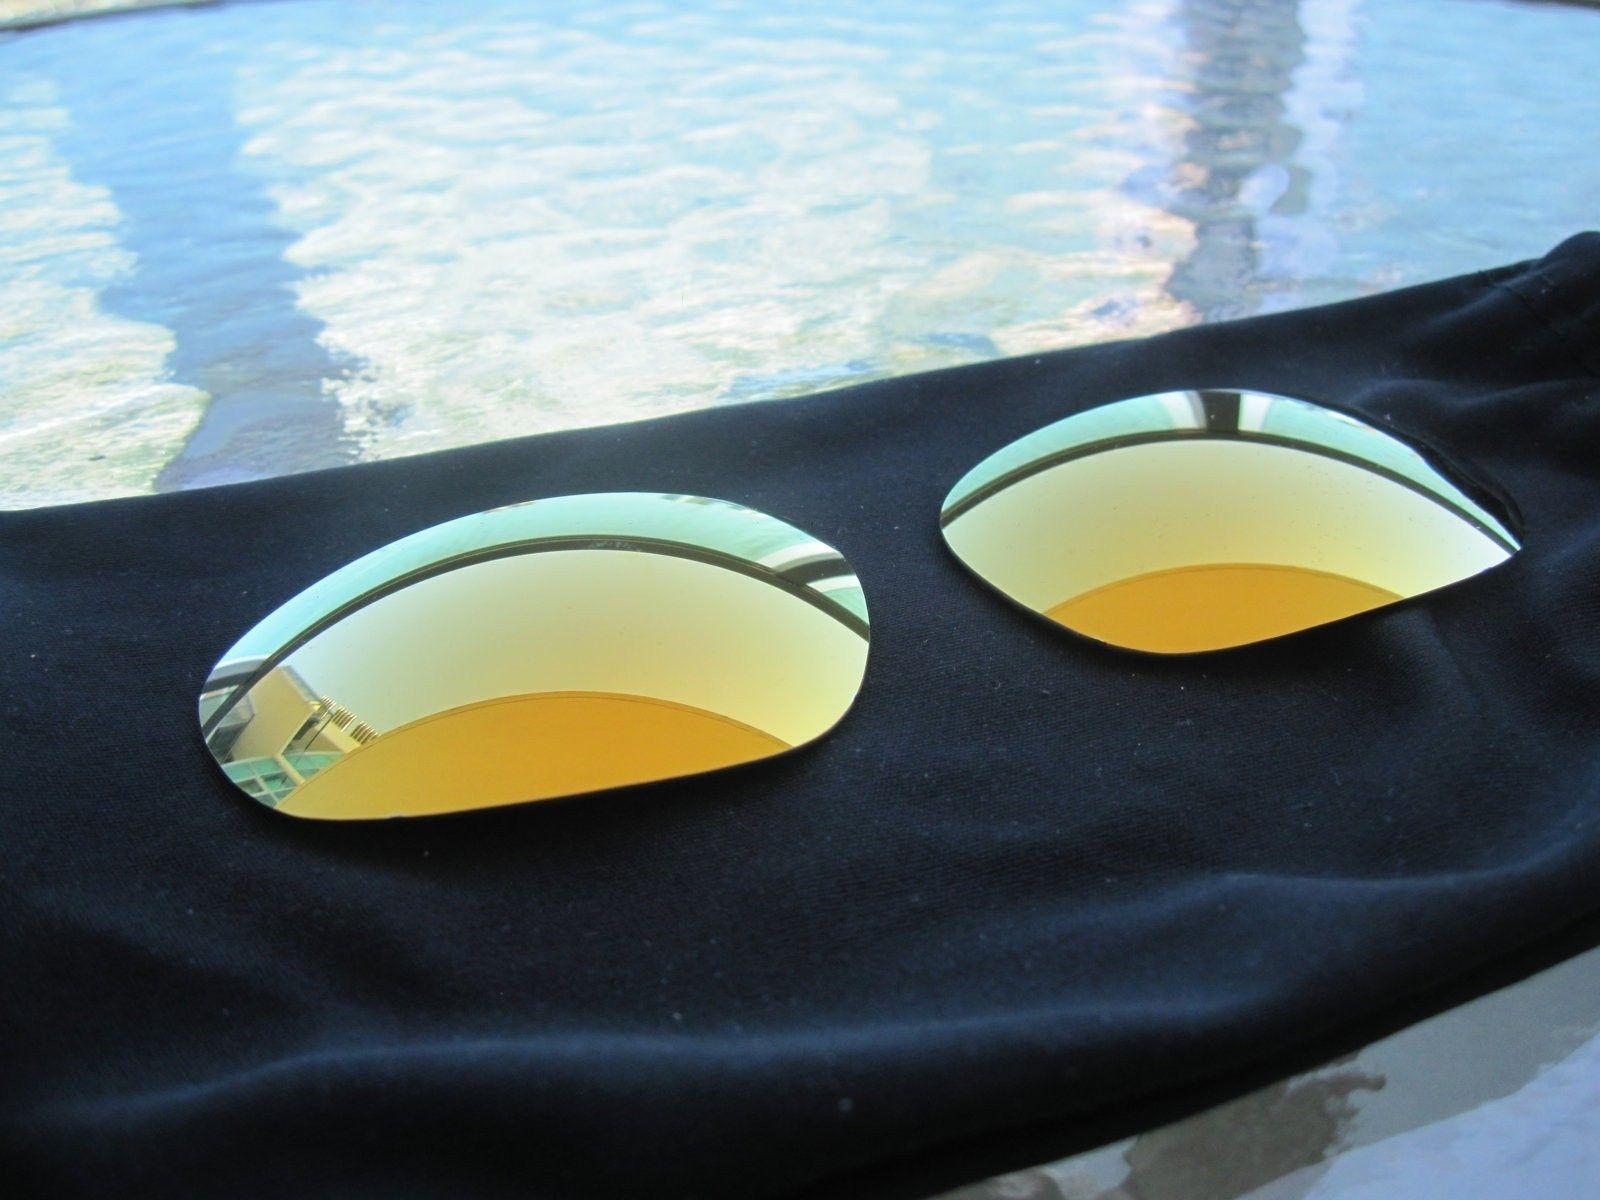 Brand New OEM XX 24K lenses - IMG_4391.JPG